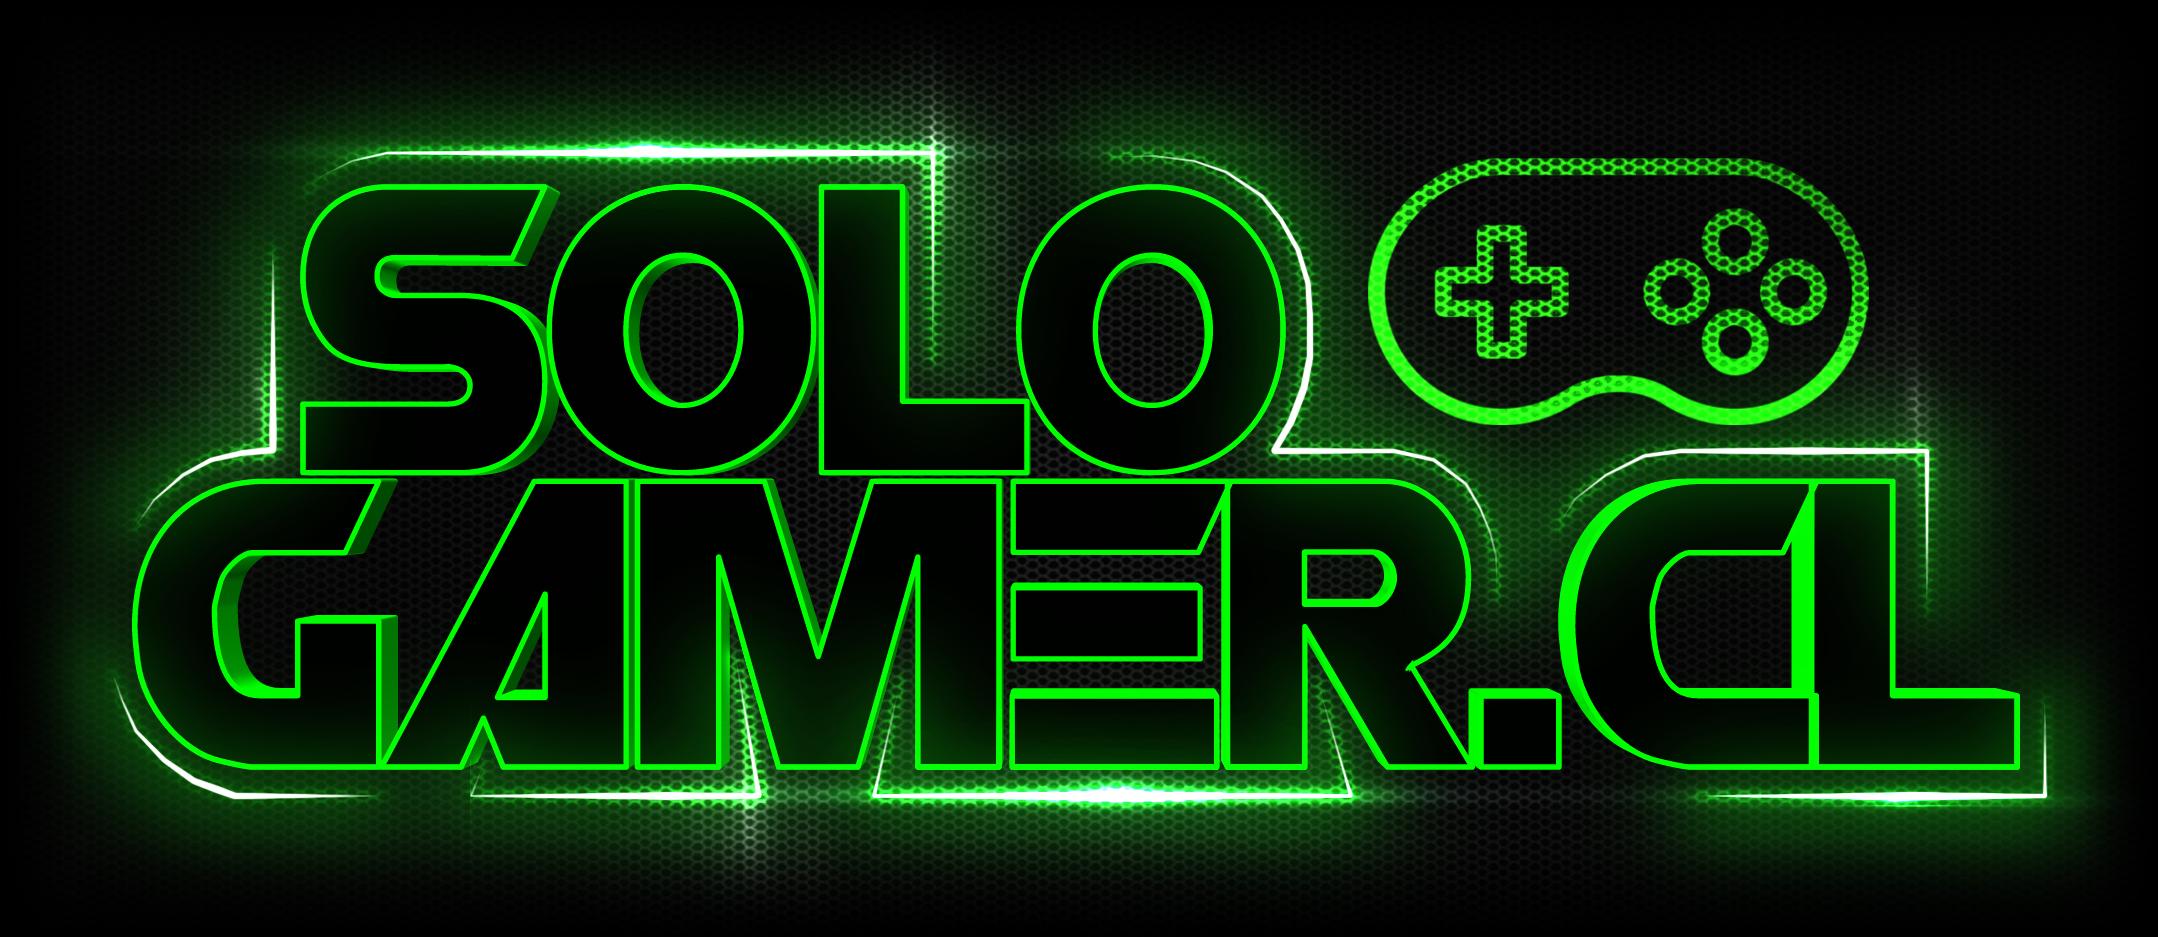 SOLOGAMER CHILE